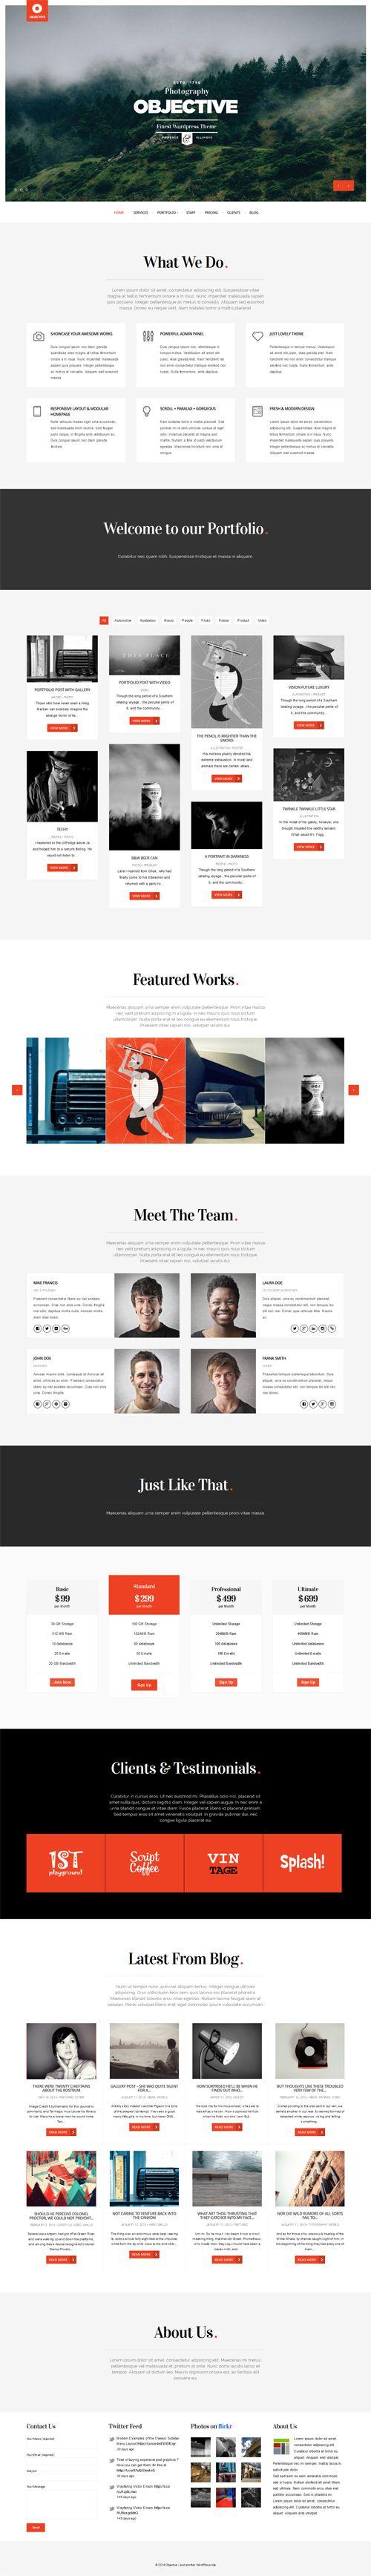 Objective - Responsive Portfolio Photography Theme #HTML5themes #responsivethemes #wordpressthemes